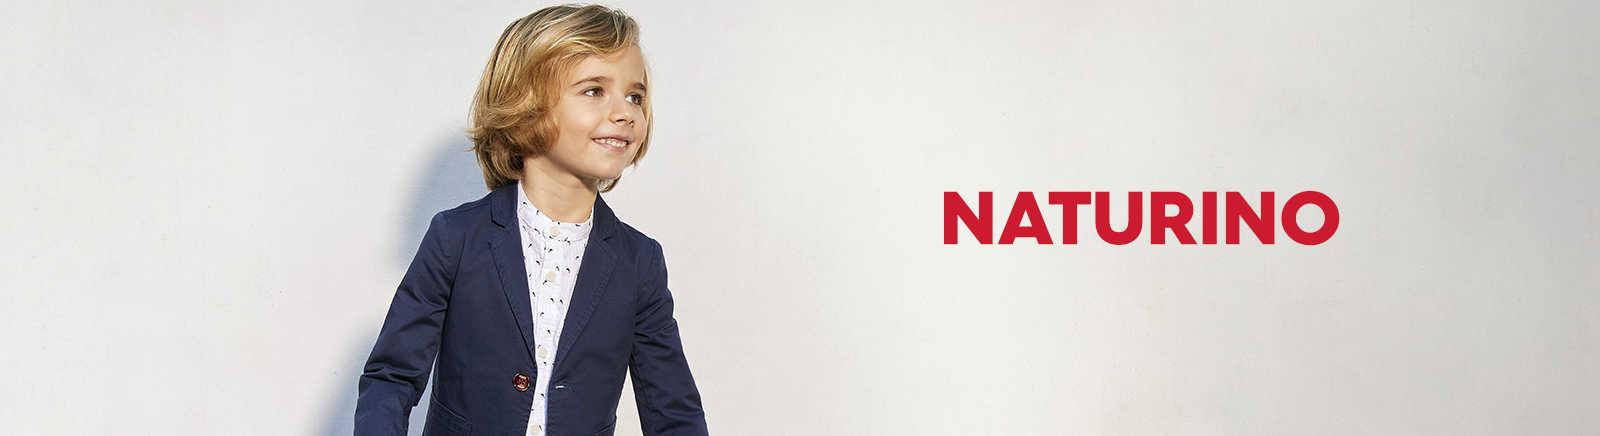 Naturino/Falcotto Kinderschuhe online bestellen im Prange Schuhe Shop